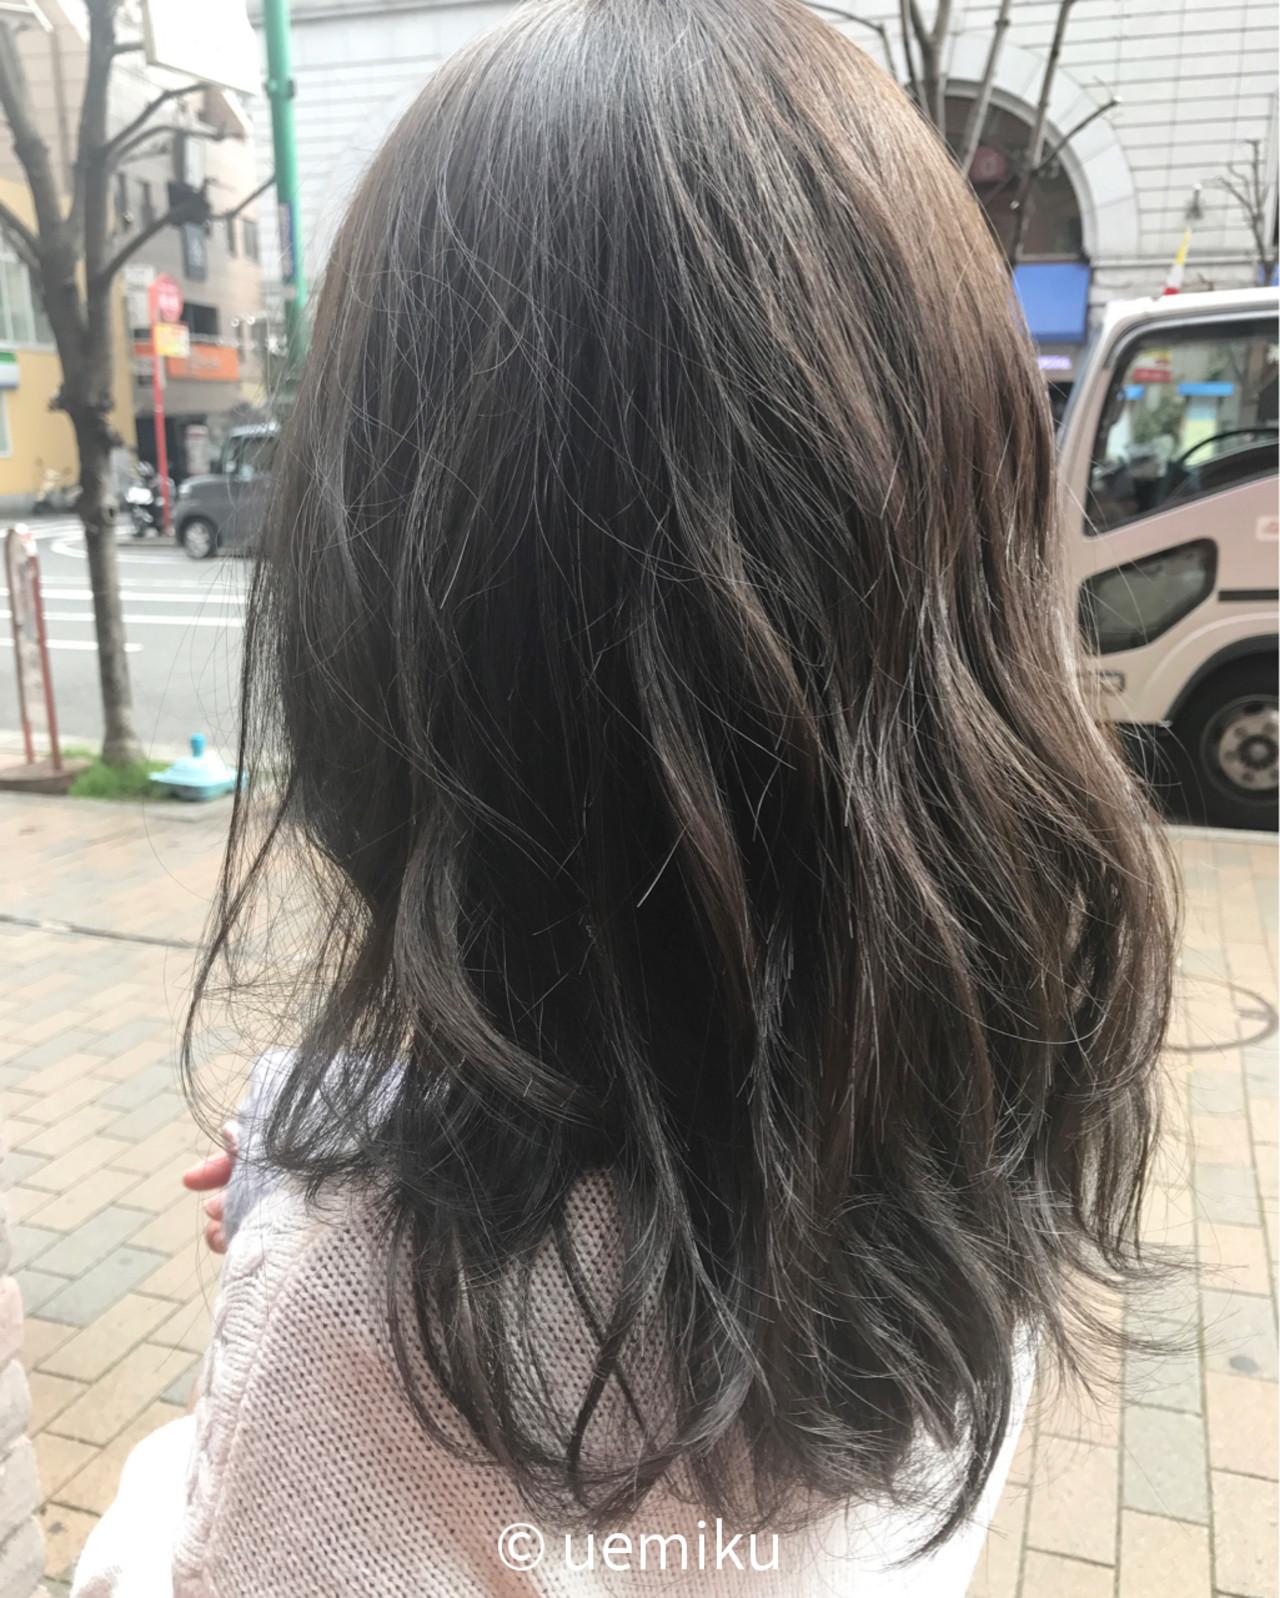 アッシュ ウェーブ 外国人風カラー 外国人風 ヘアスタイルや髪型の写真・画像 | uemiku / kelly's green